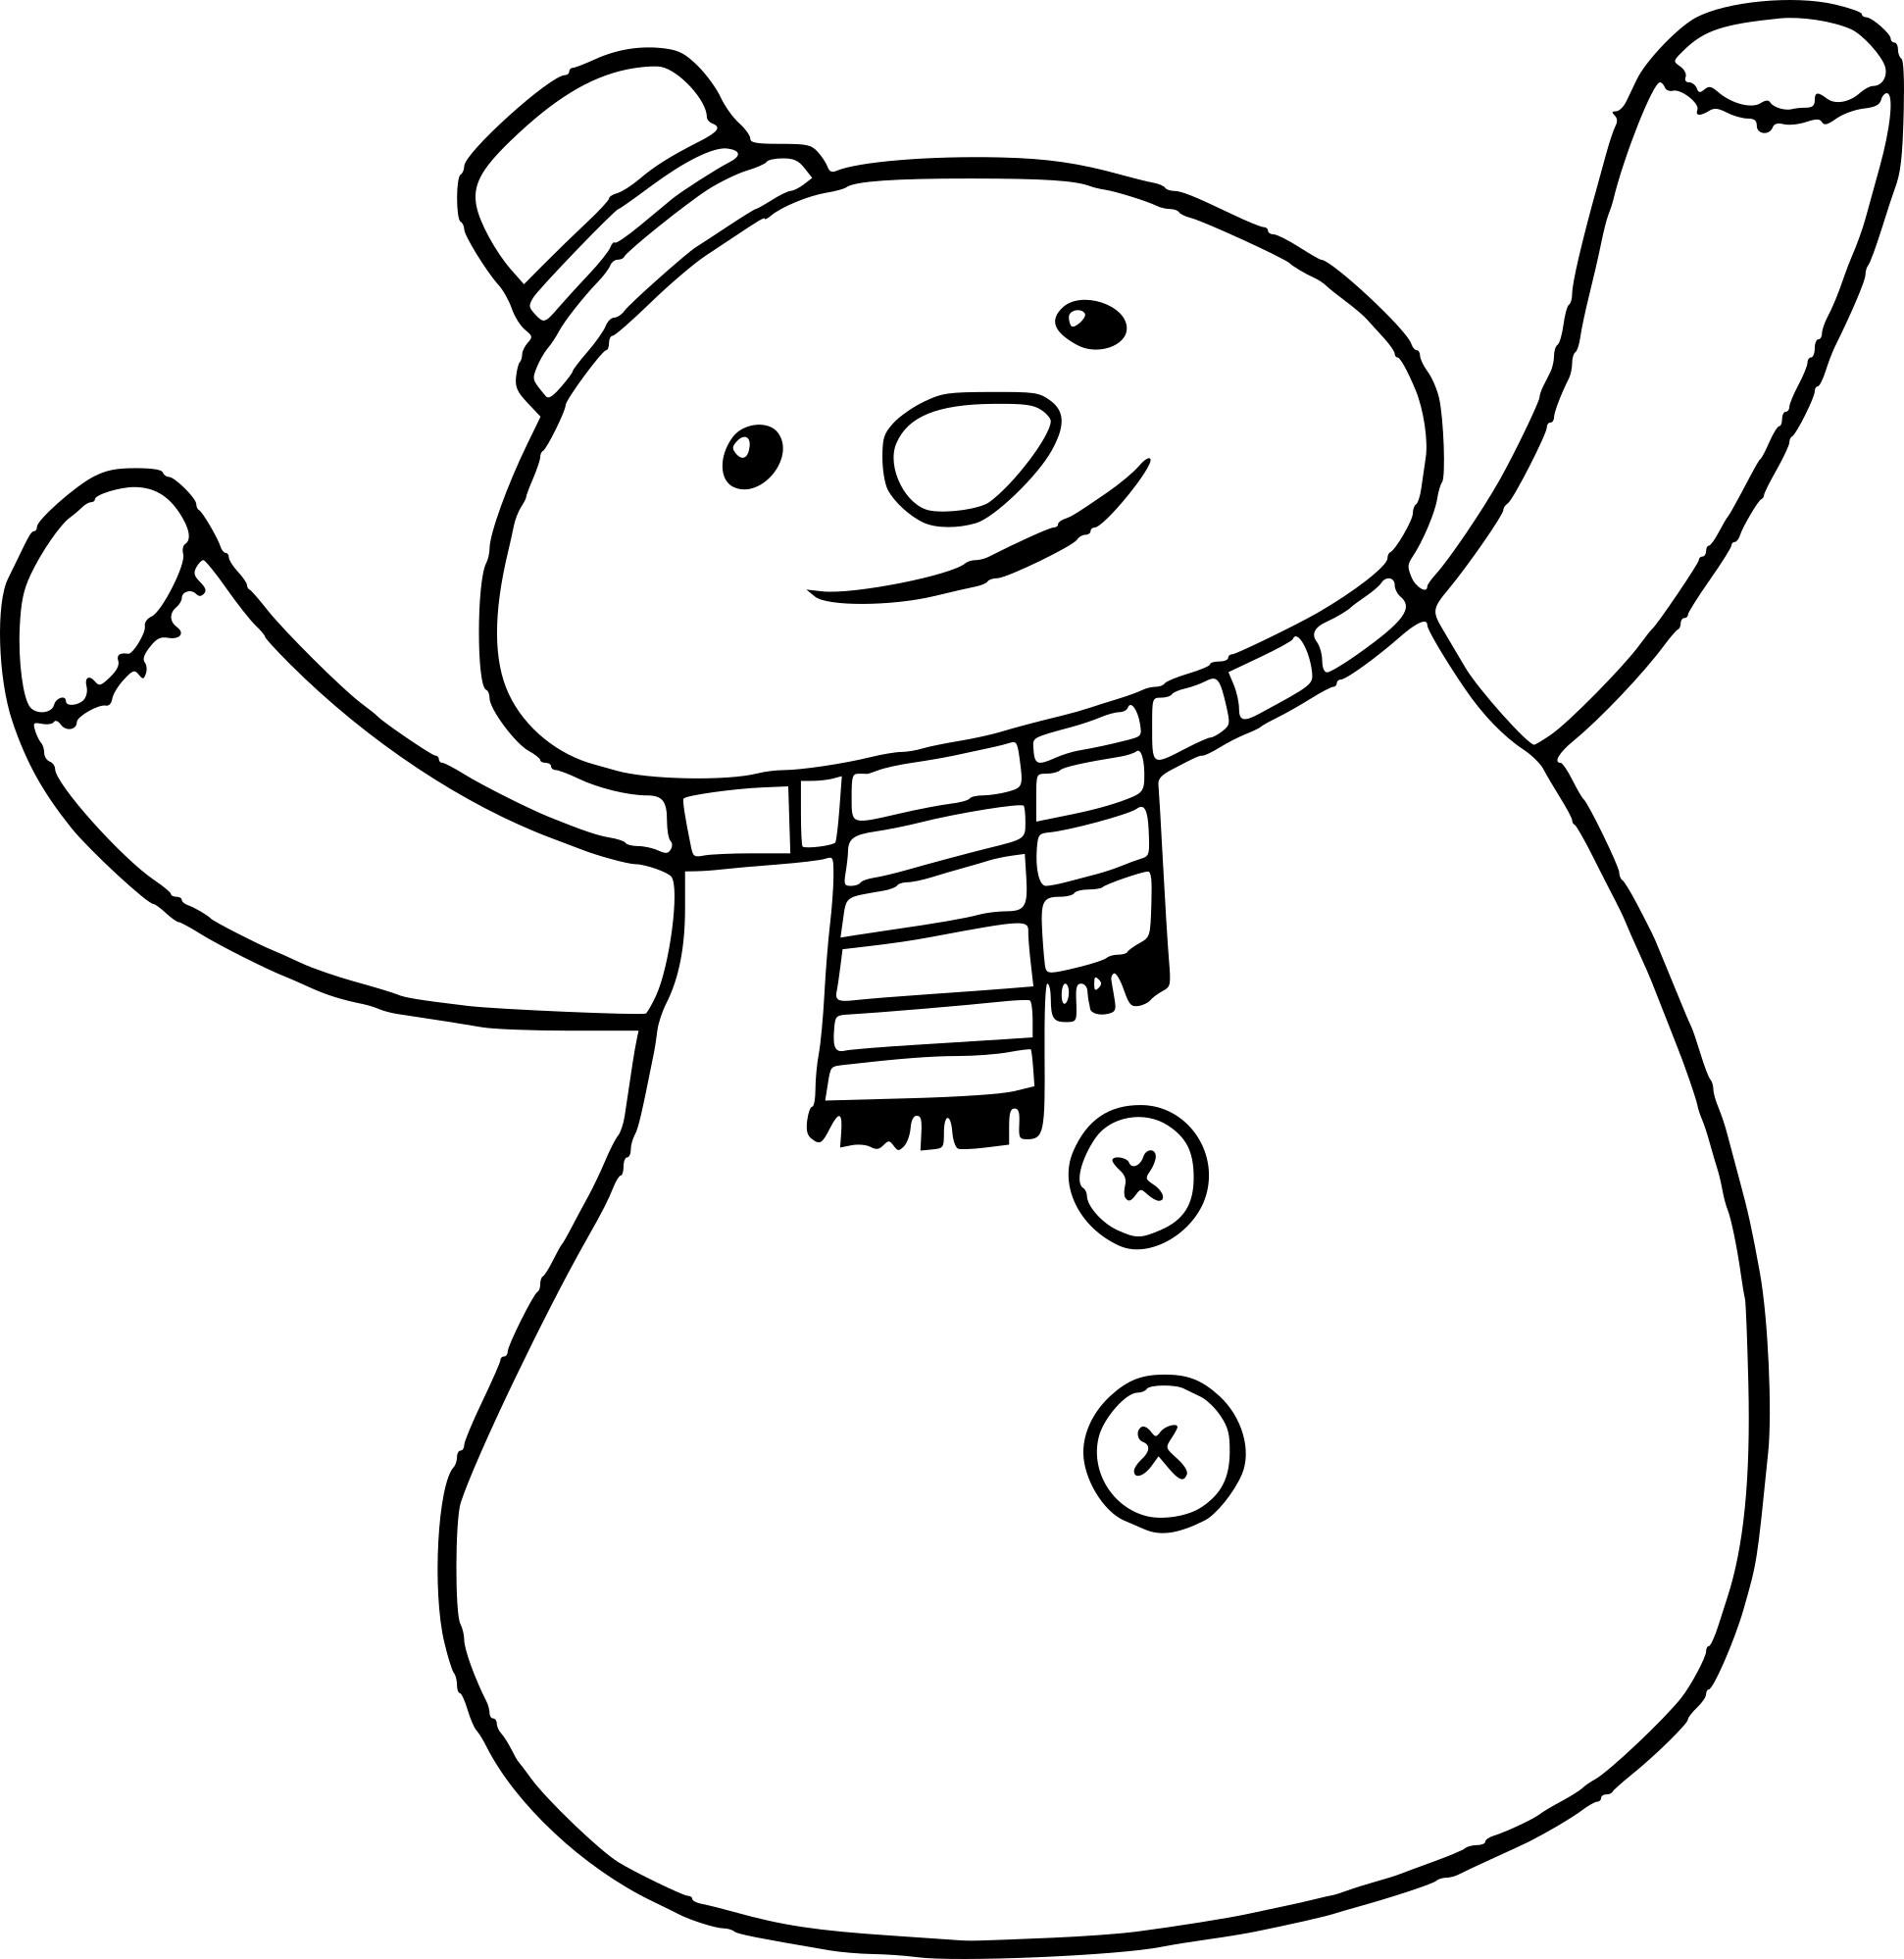 Coloriage peluche bonhomme de neige imprimer - Bonhomme de neige a imprimer gratuit ...